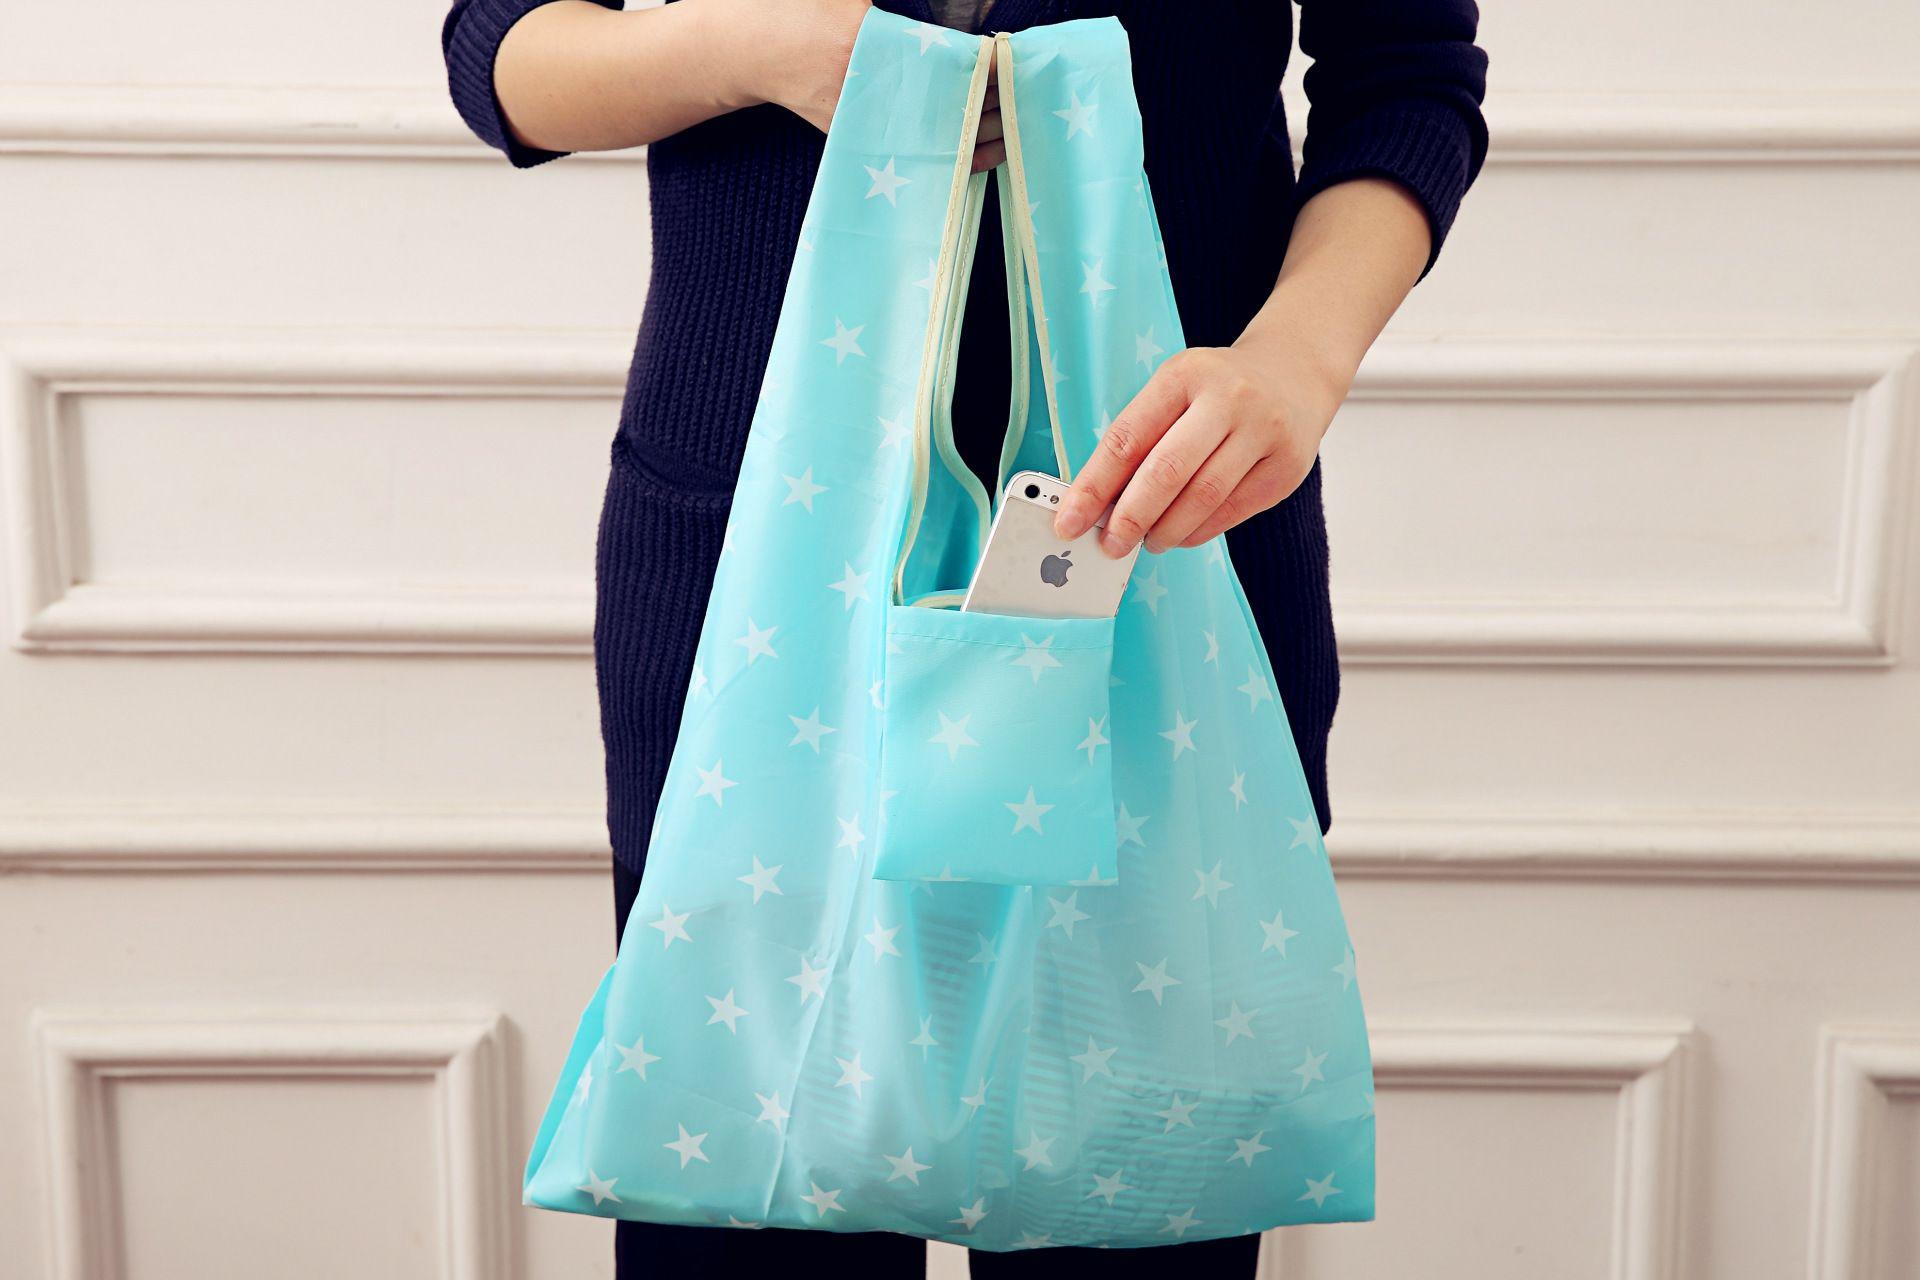 Le sac réutilisable en nylon de stockage d'épicerie de sacs à provisions respecte l'environnement de sacs à provisions de sacs d'emballage 19 couleurs W35 * H55cm HH7-1165